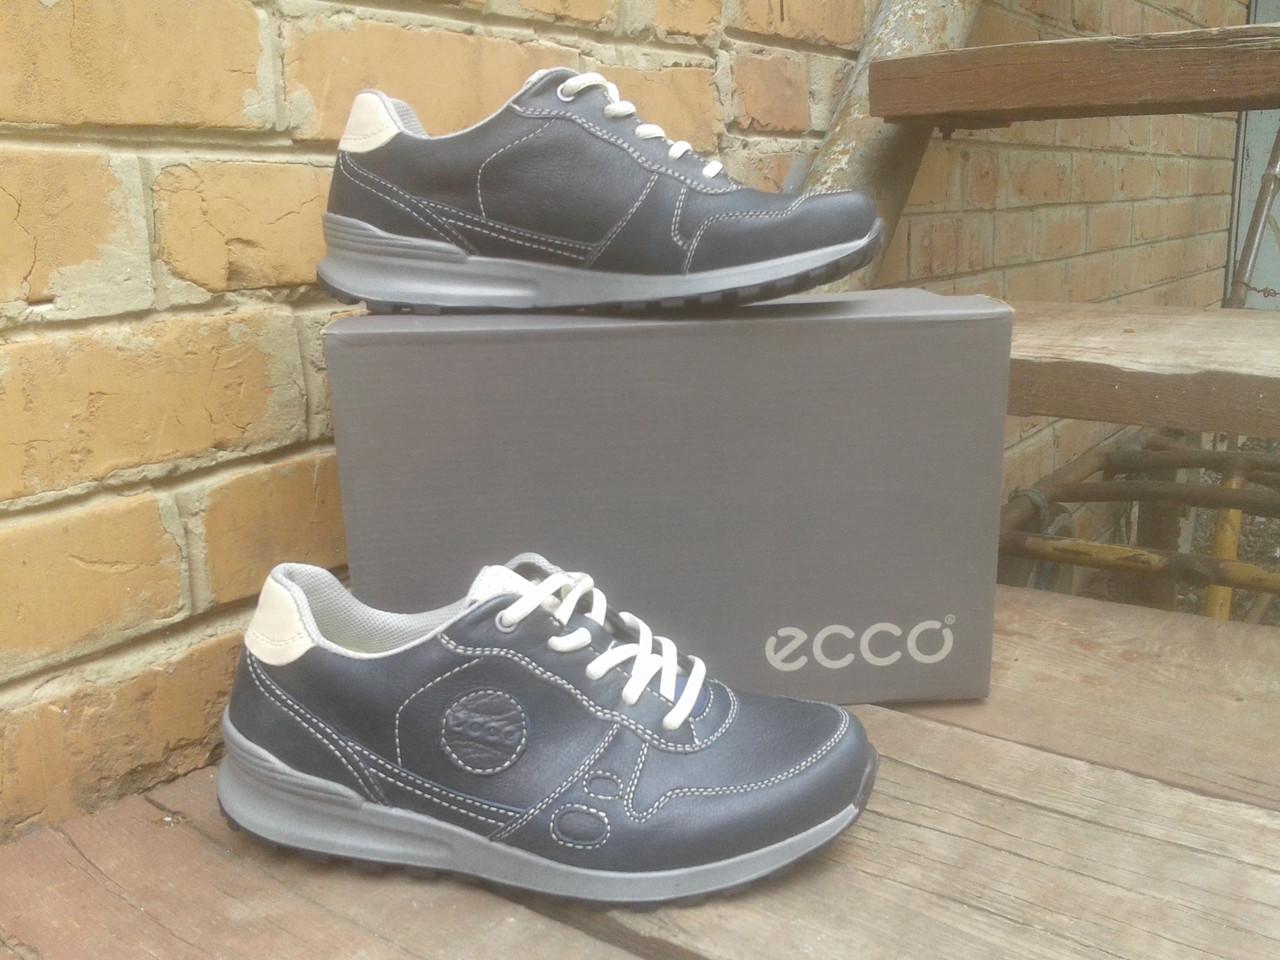 Кроссовки мужские ECCO 538564 Blue/dirty color (кожа)